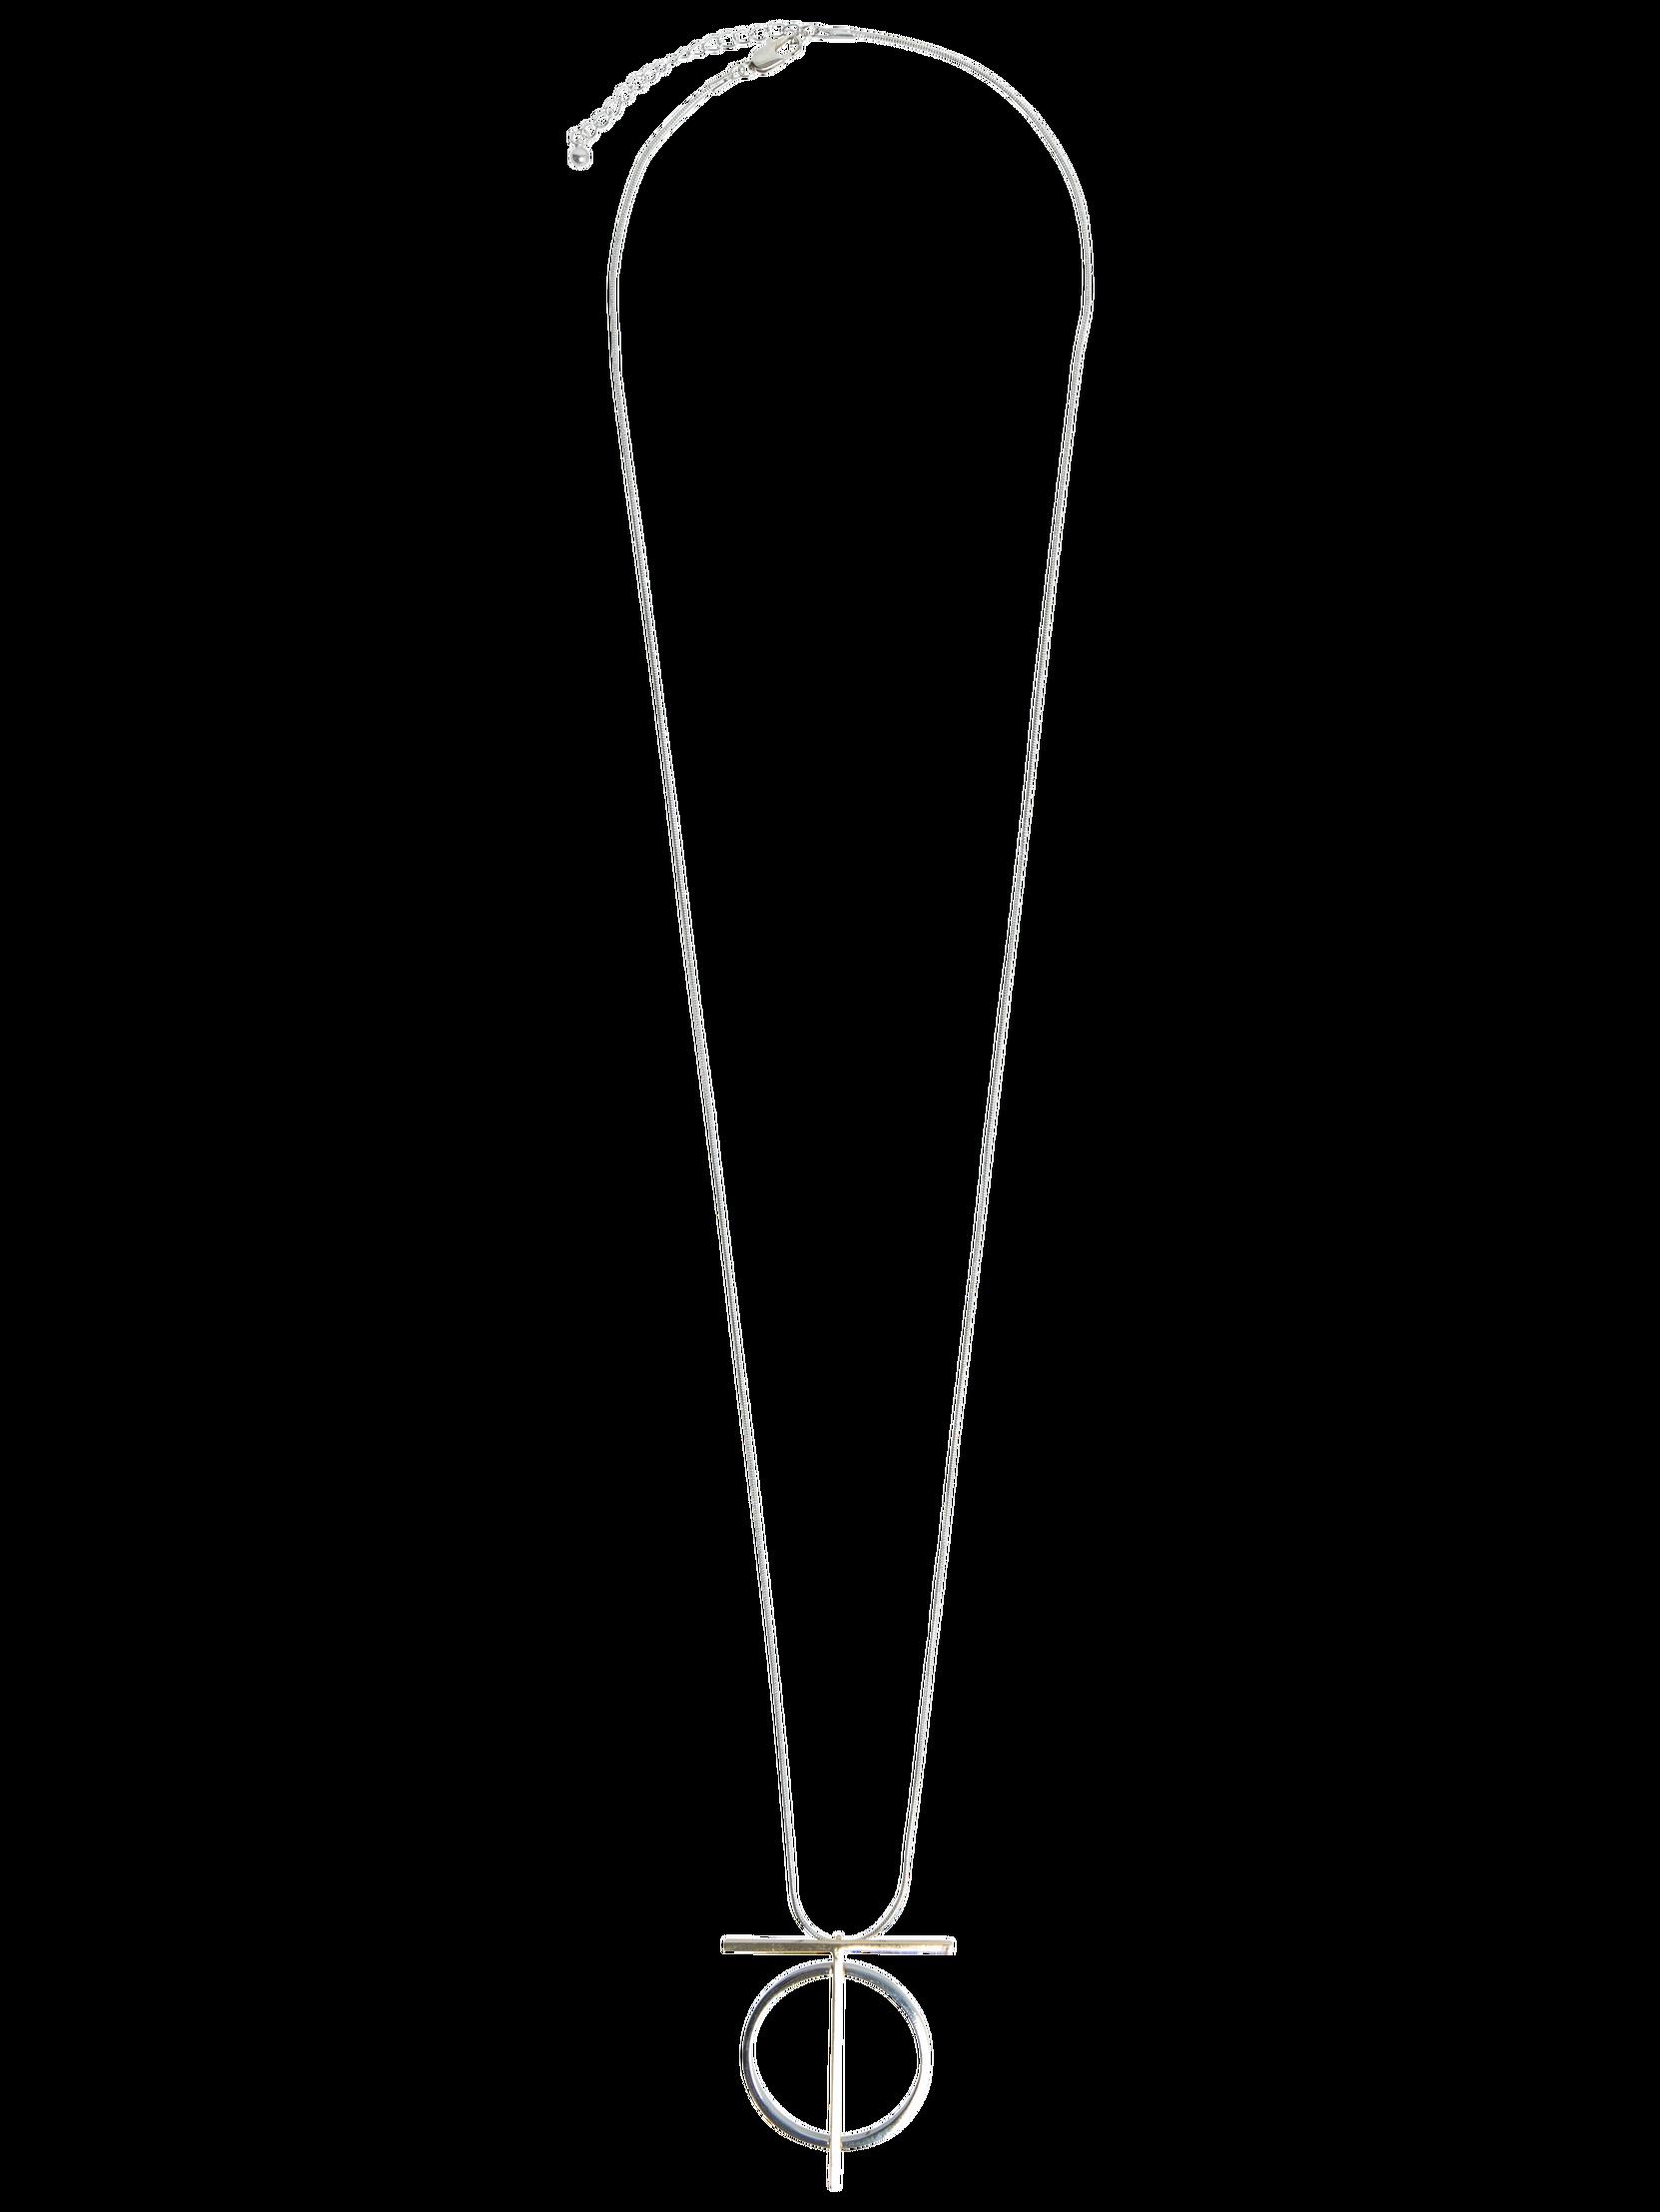 Dallia-kaulakoru